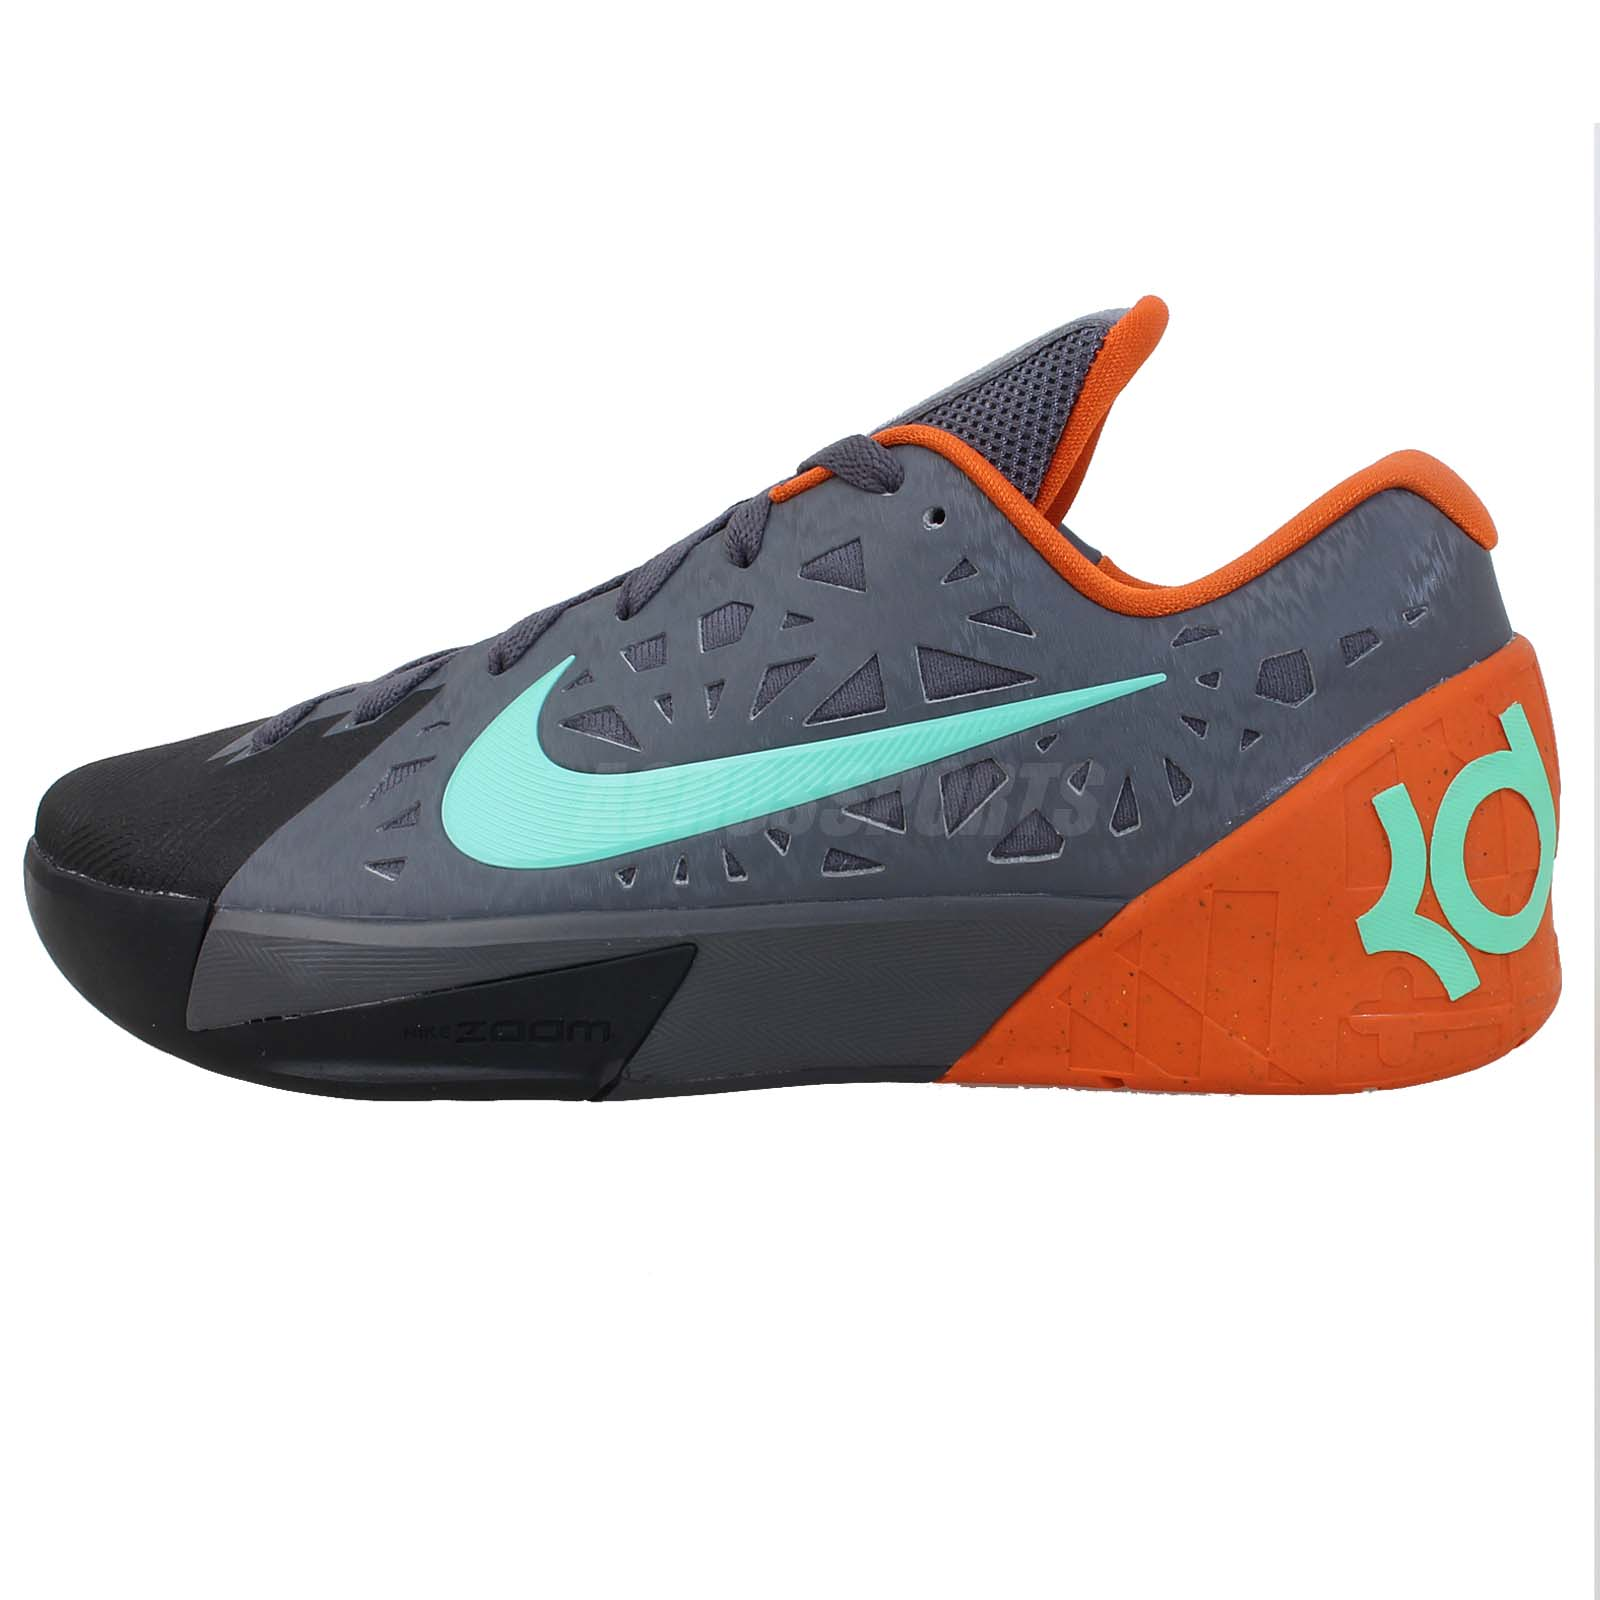 Kd 7 Shoes 2013